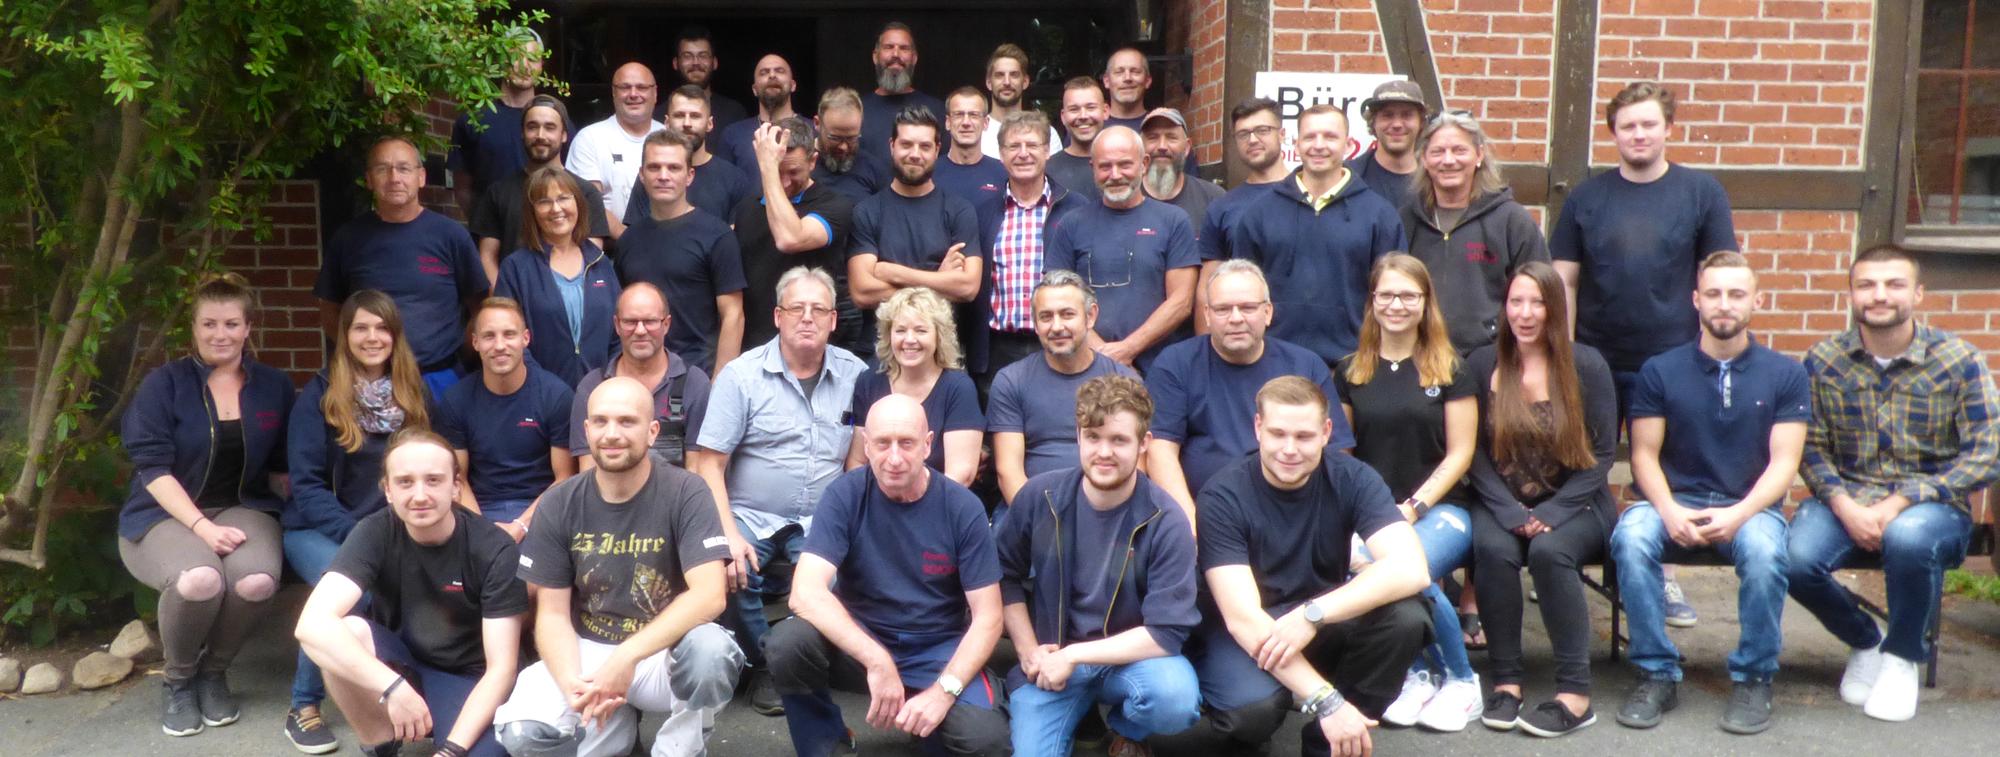 Team von Scholz Sanierungskonzepte GmbH & Co. KG